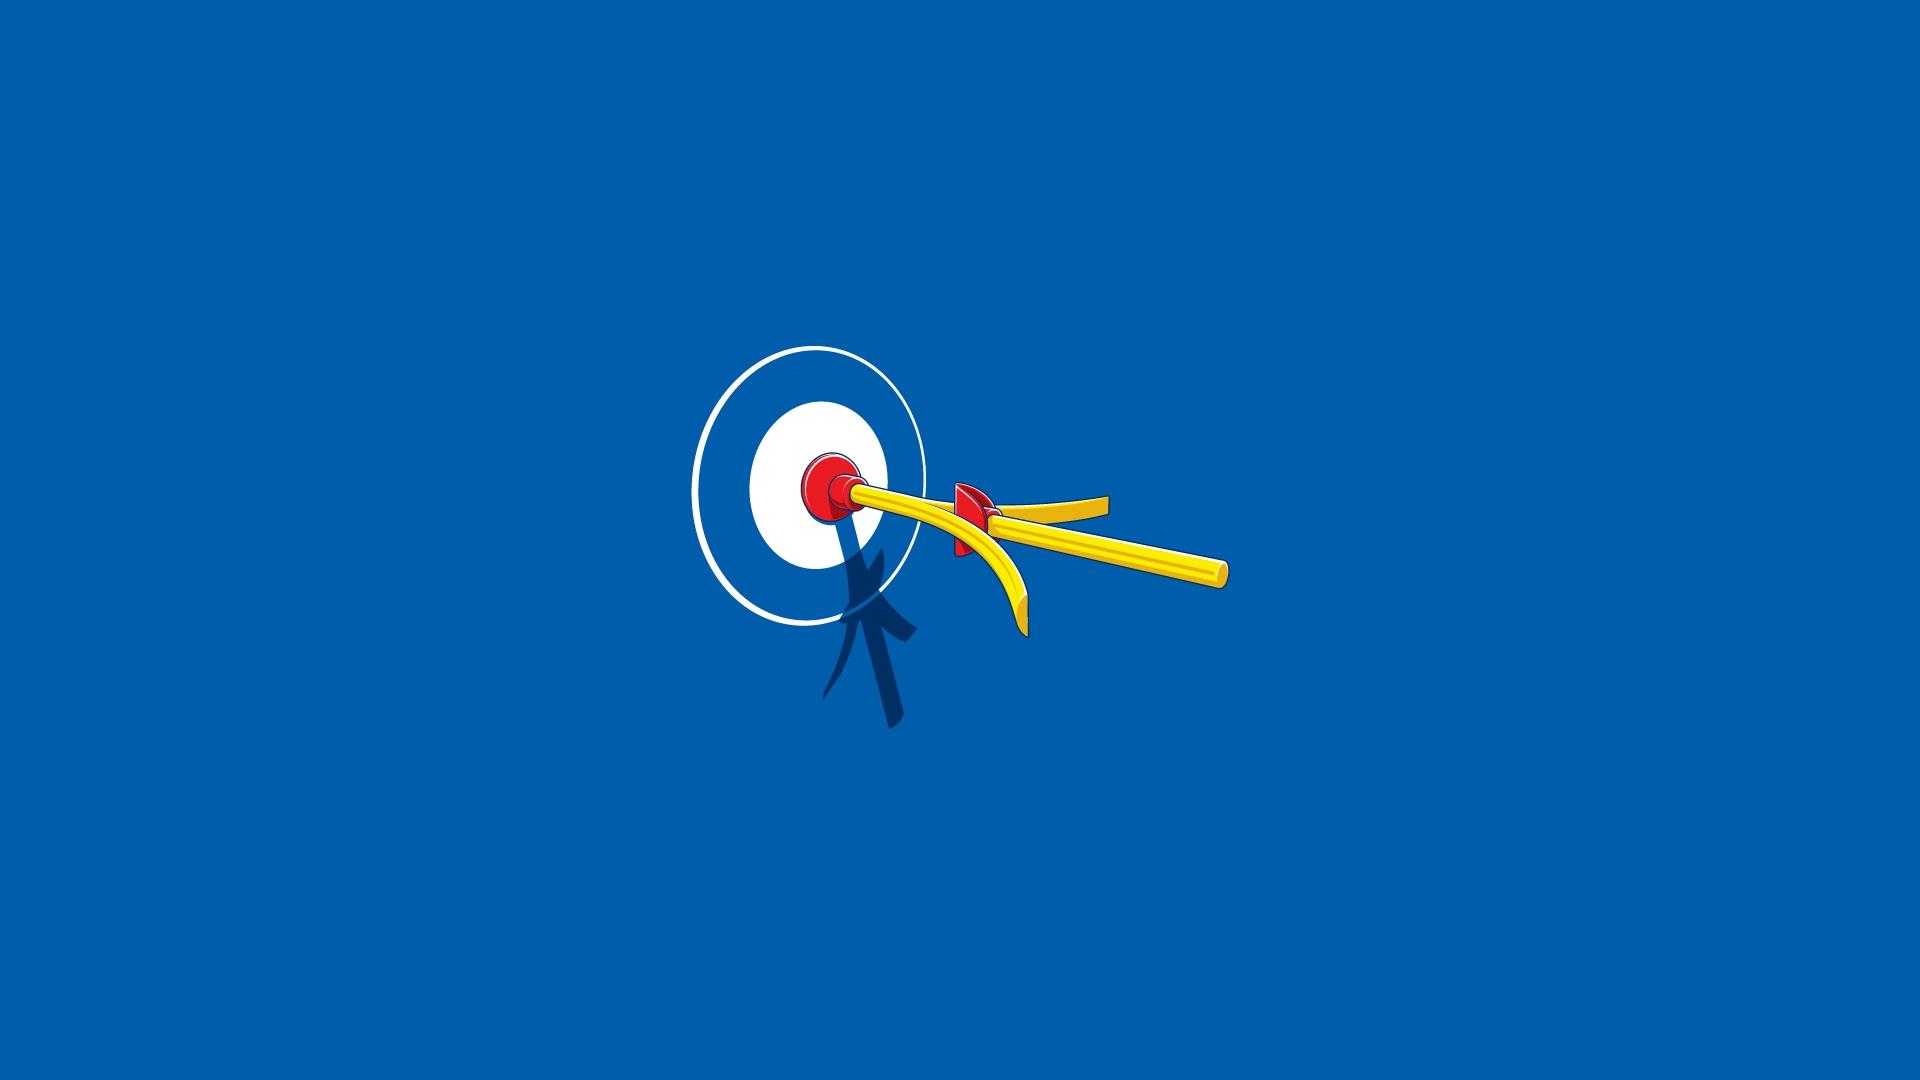 Archery Wallpaper 1920x1080 Archery 1920x1080